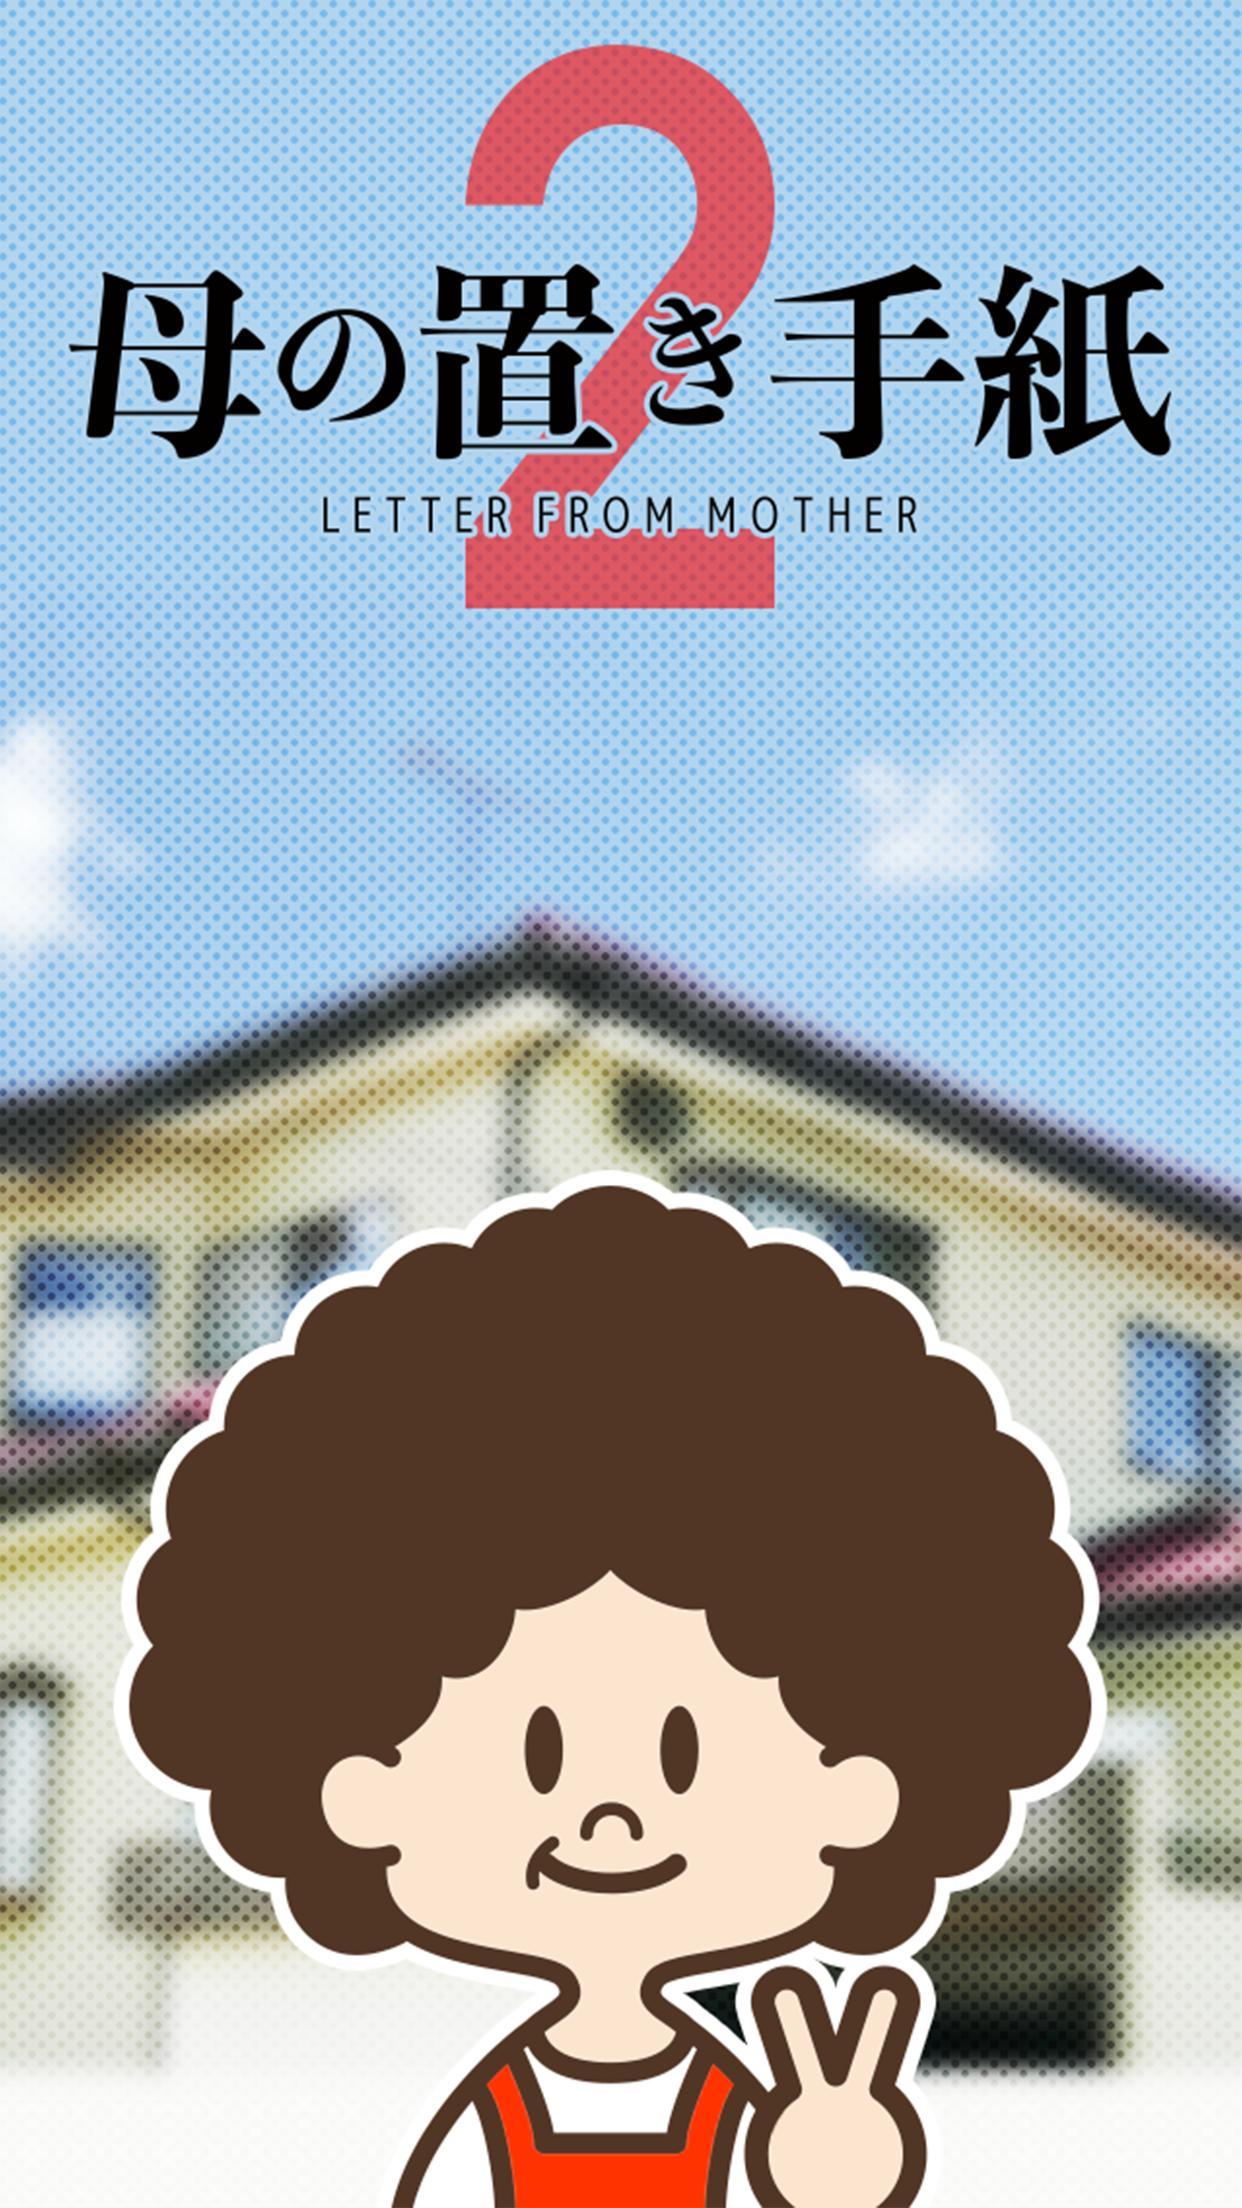 謎解き母の手紙2 screenshot 5